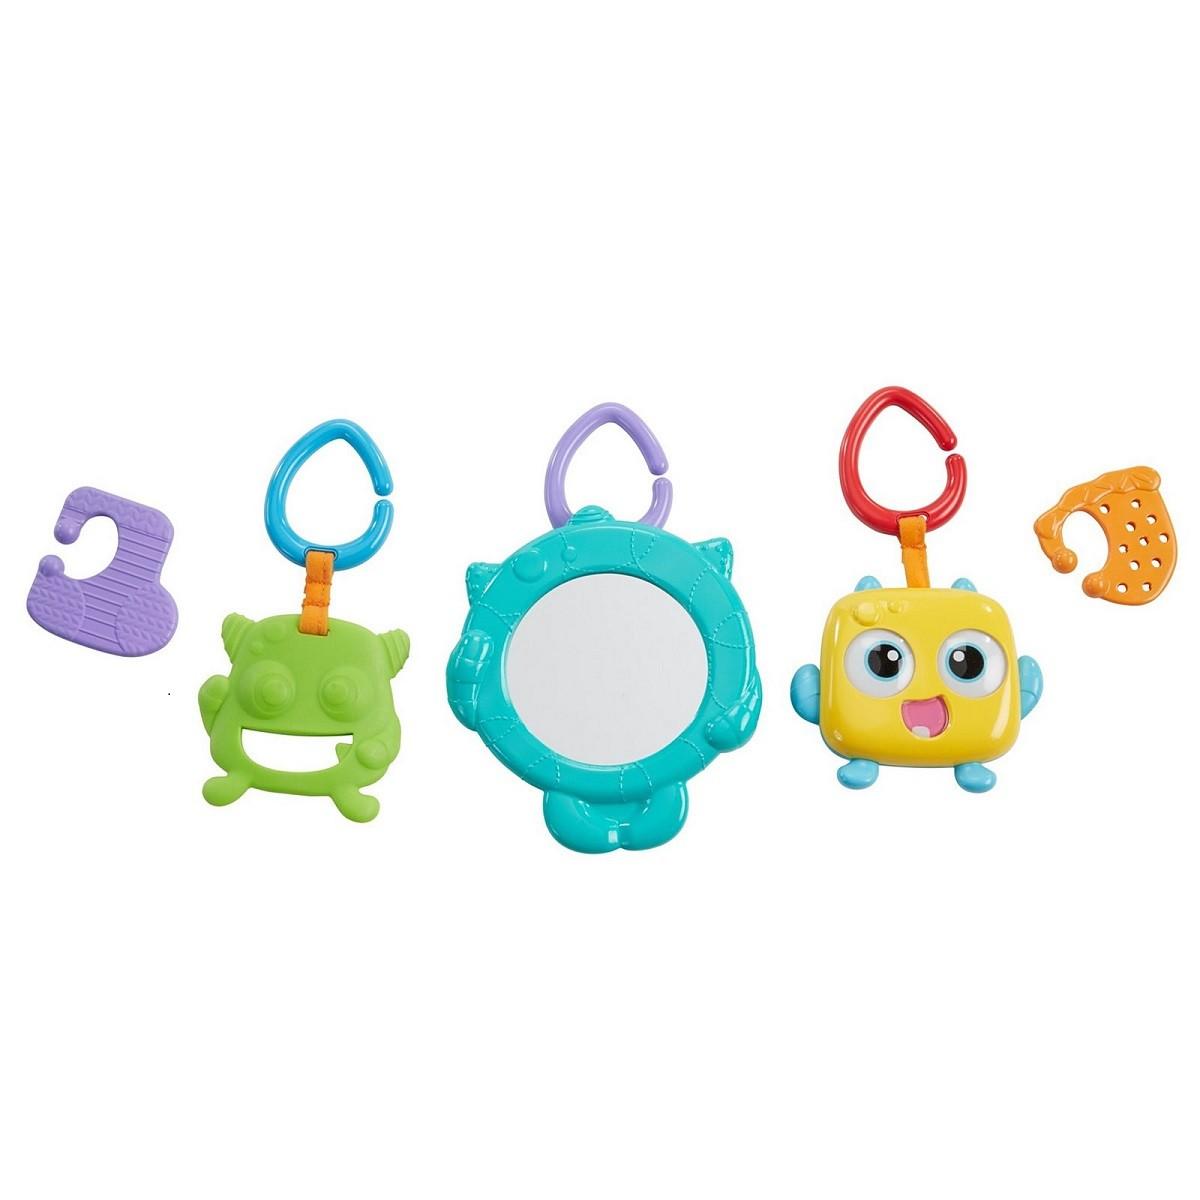 Brinquedo Infantil Ginasio De Monstrinhos Fisher Price Fnf23